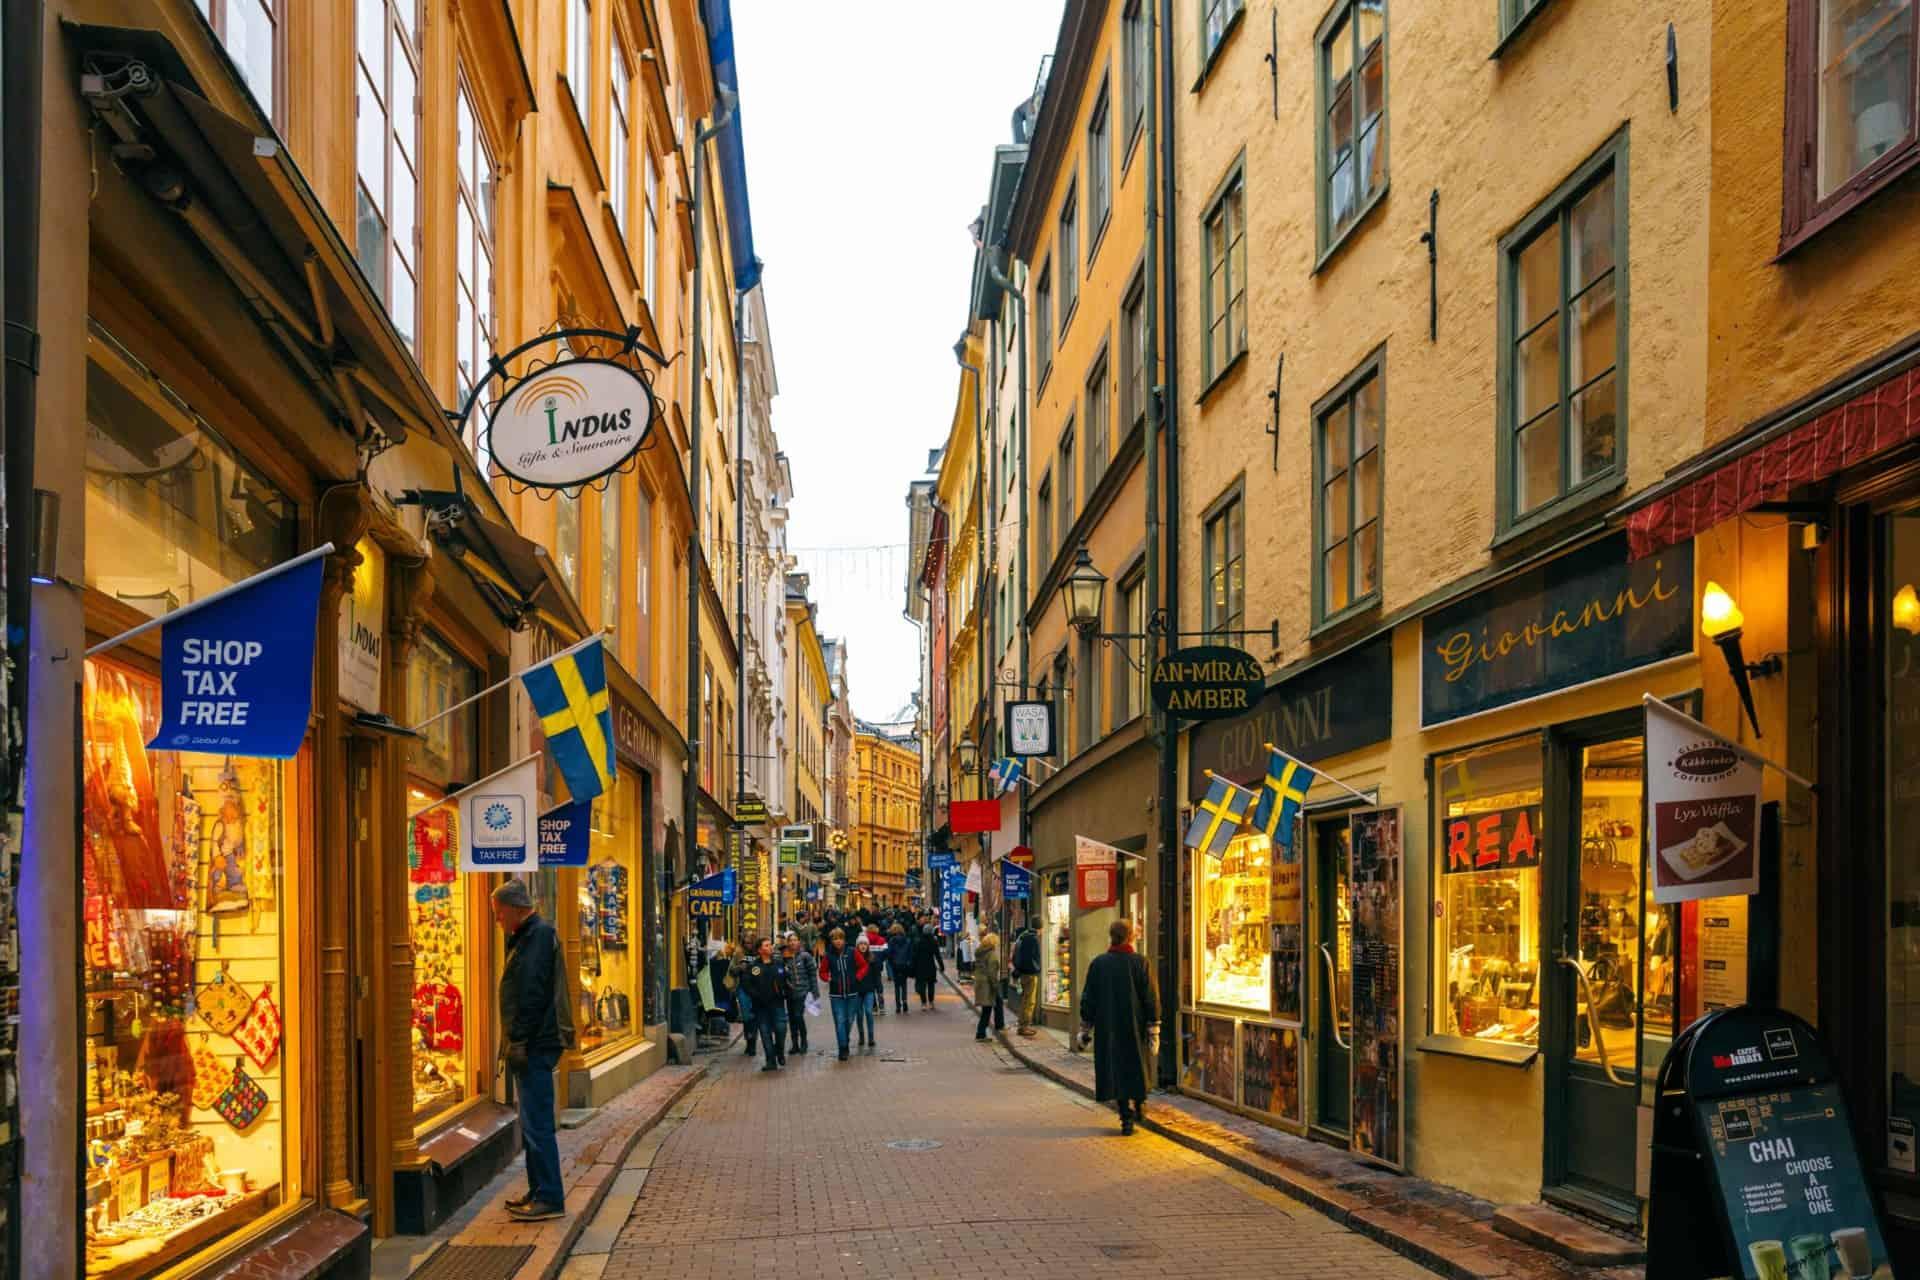 Stockholm Sweden December 2018 shopping street Tourist Christmas rush